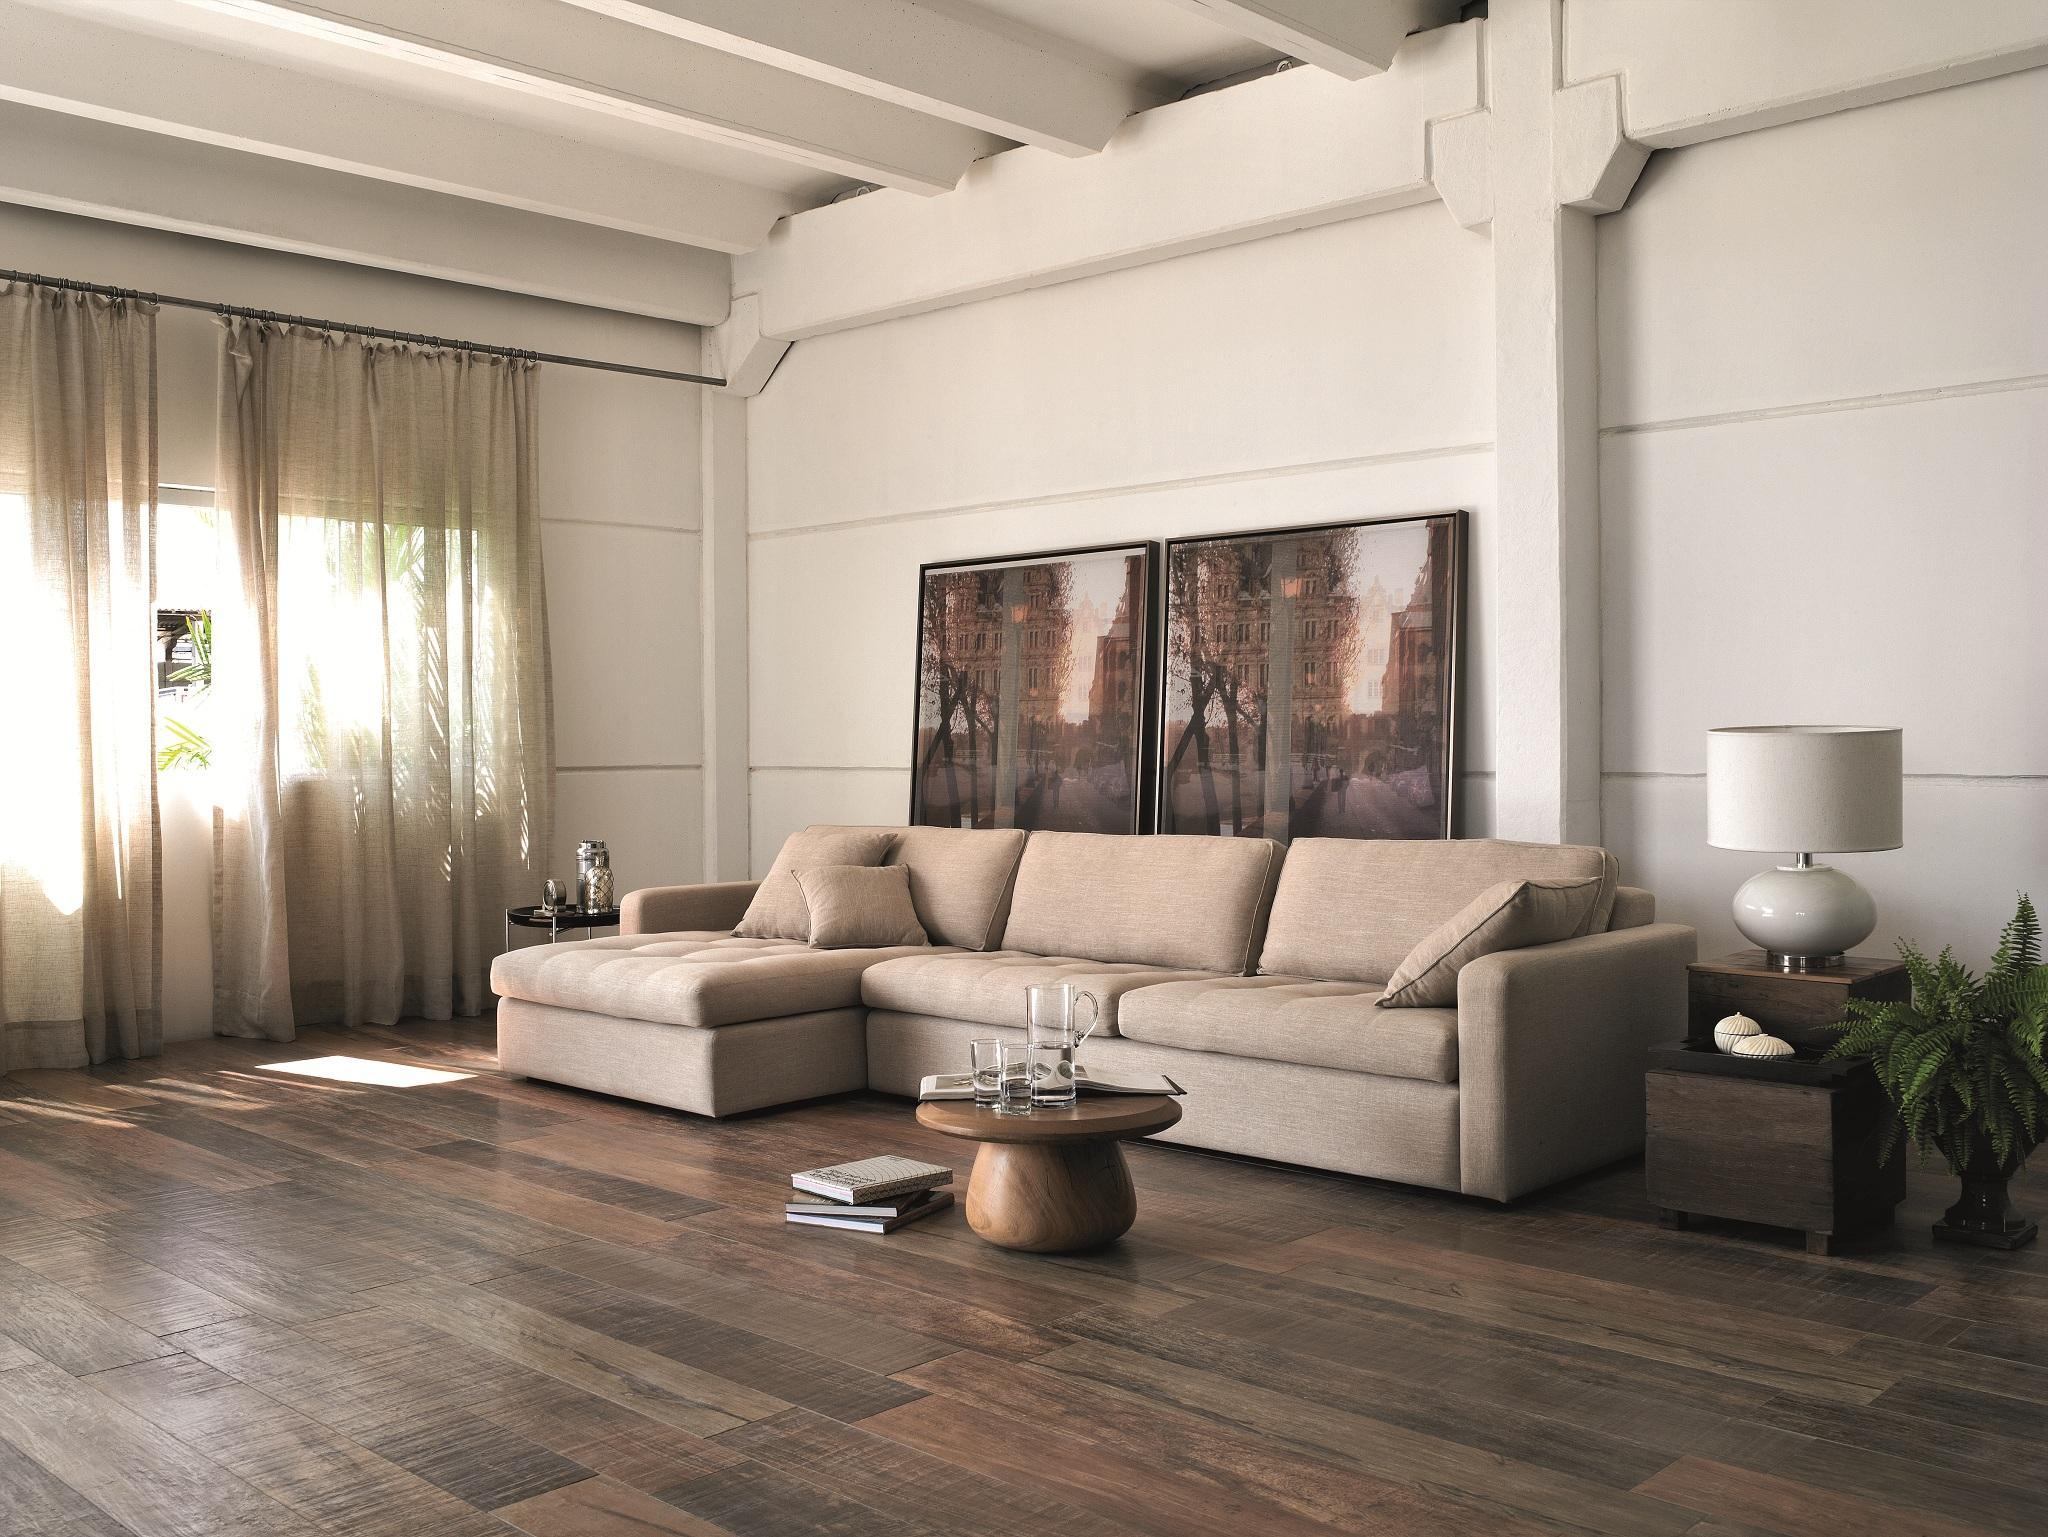 Pisos que imitam madeira 60 fotos e ideias for Pisos para apartamentos modernos